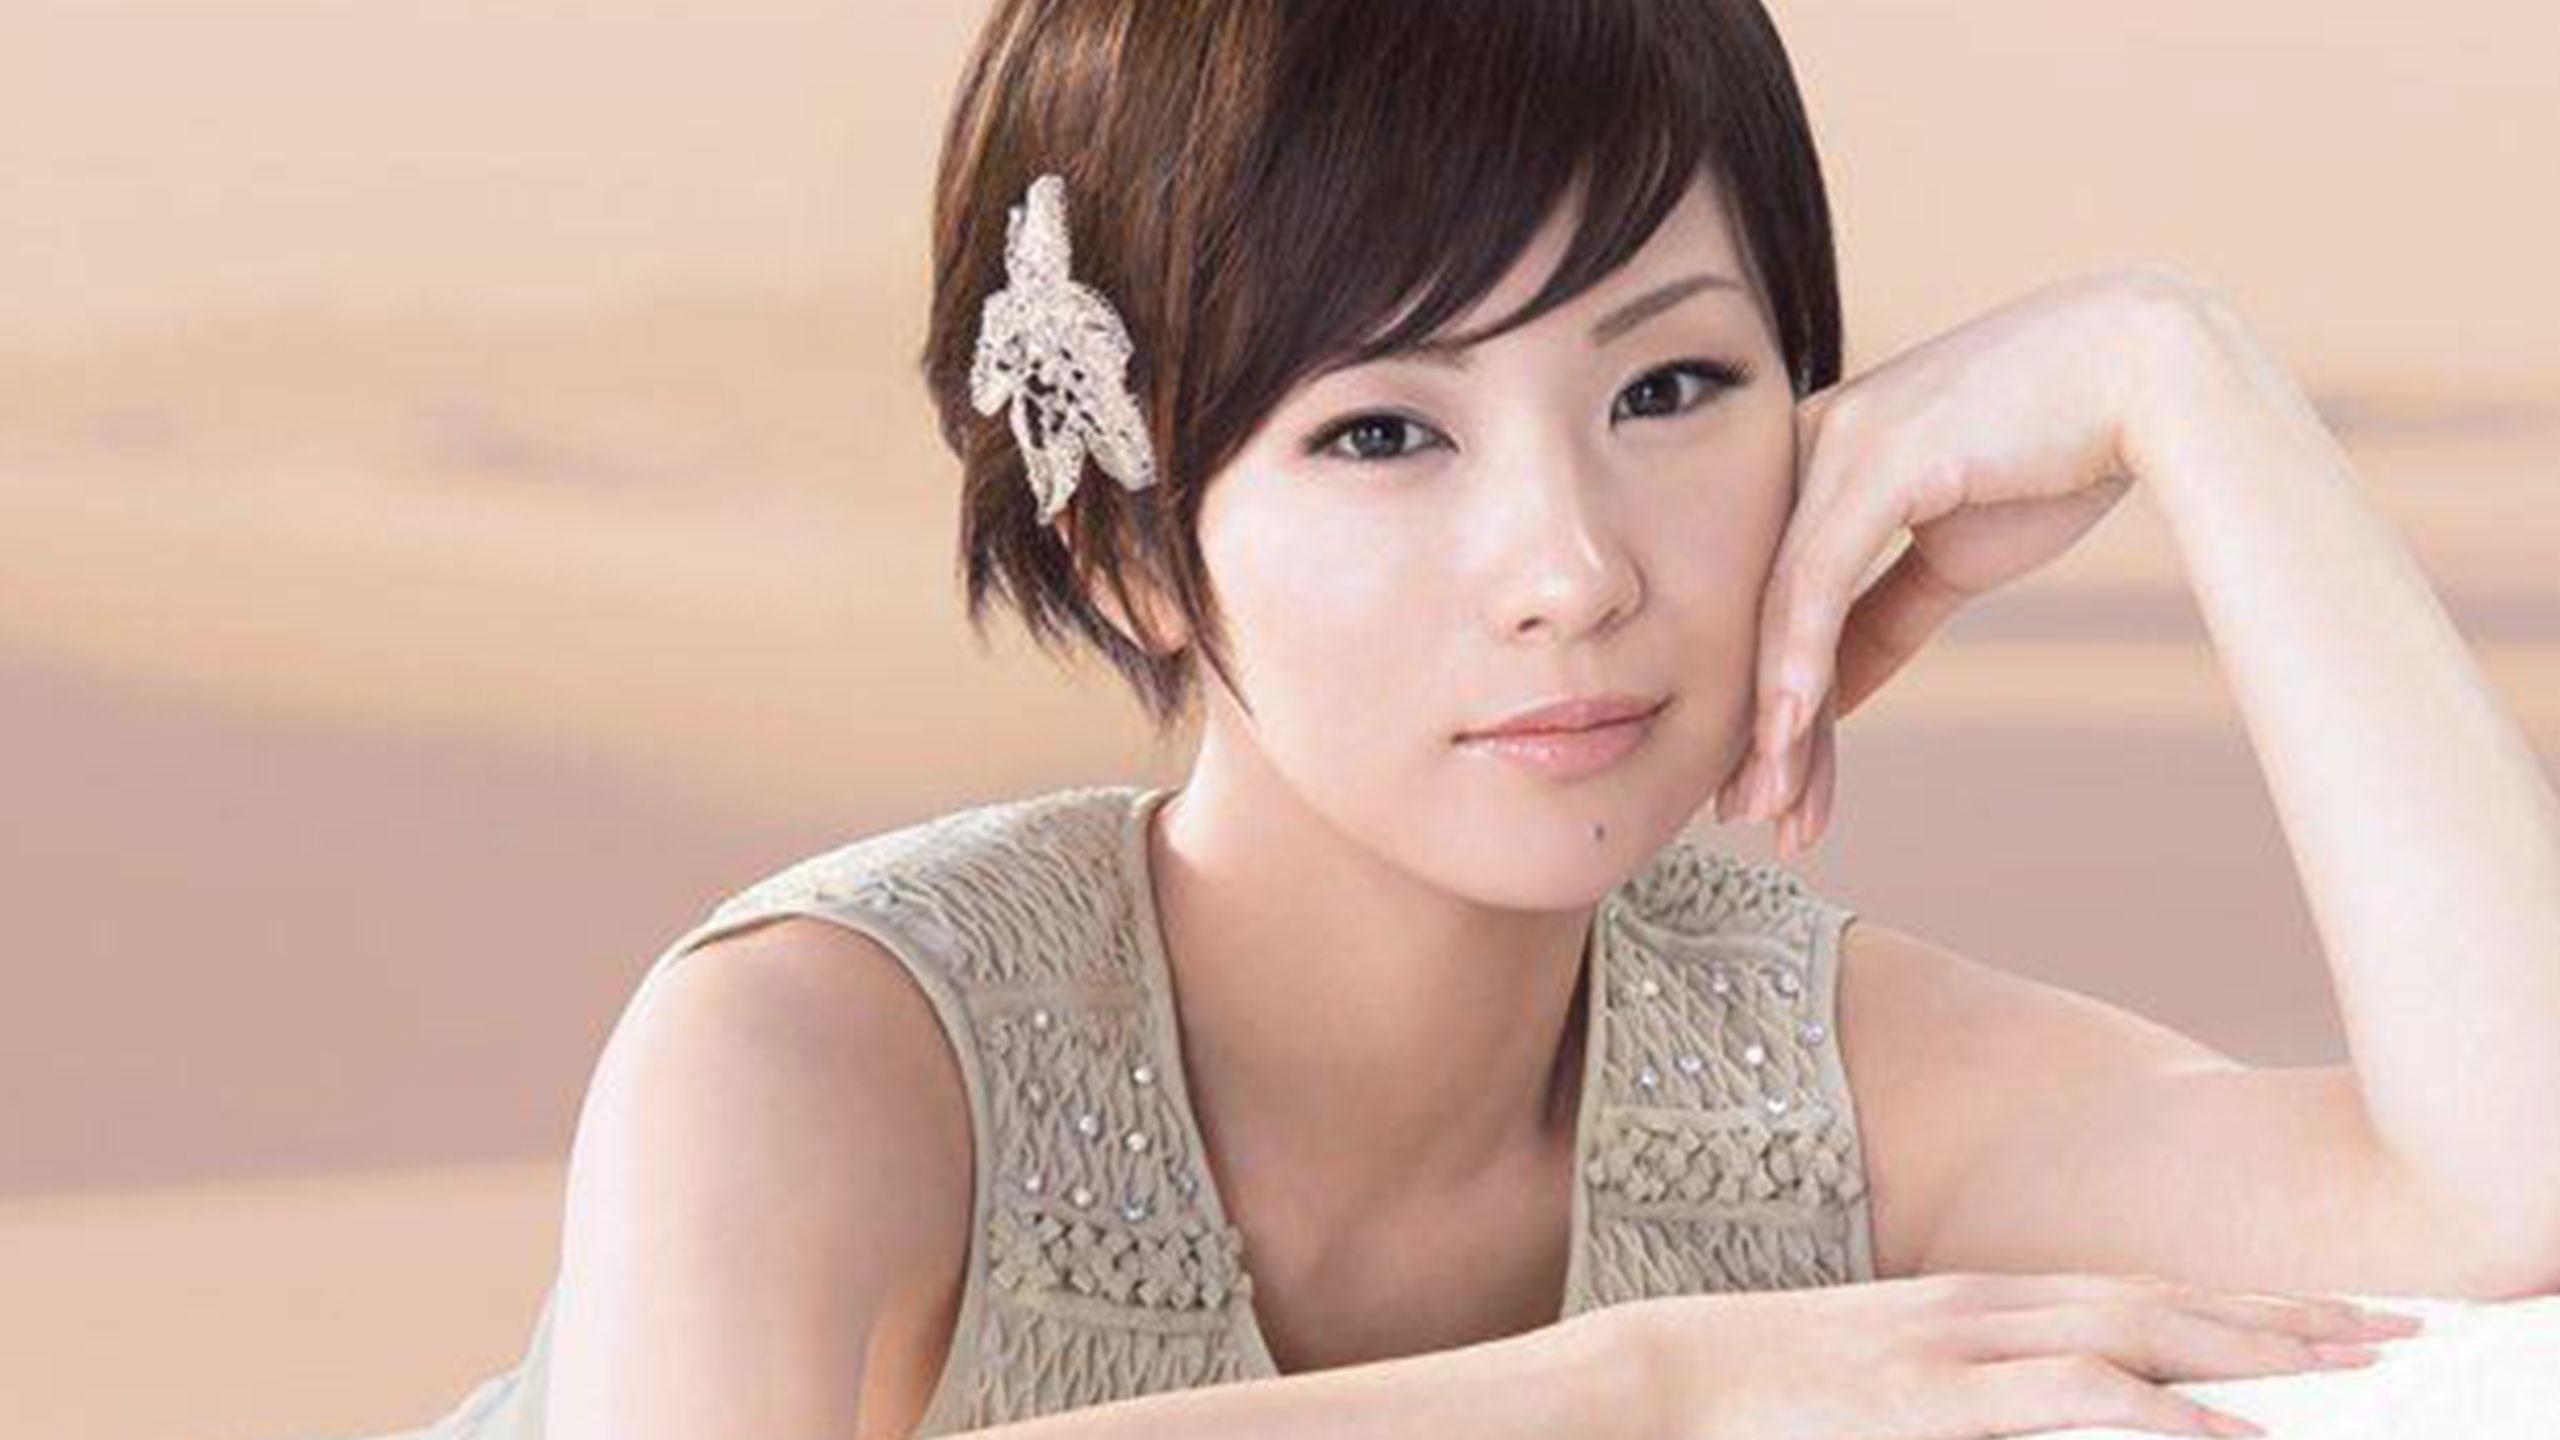 化粧品広告の椎名林檎